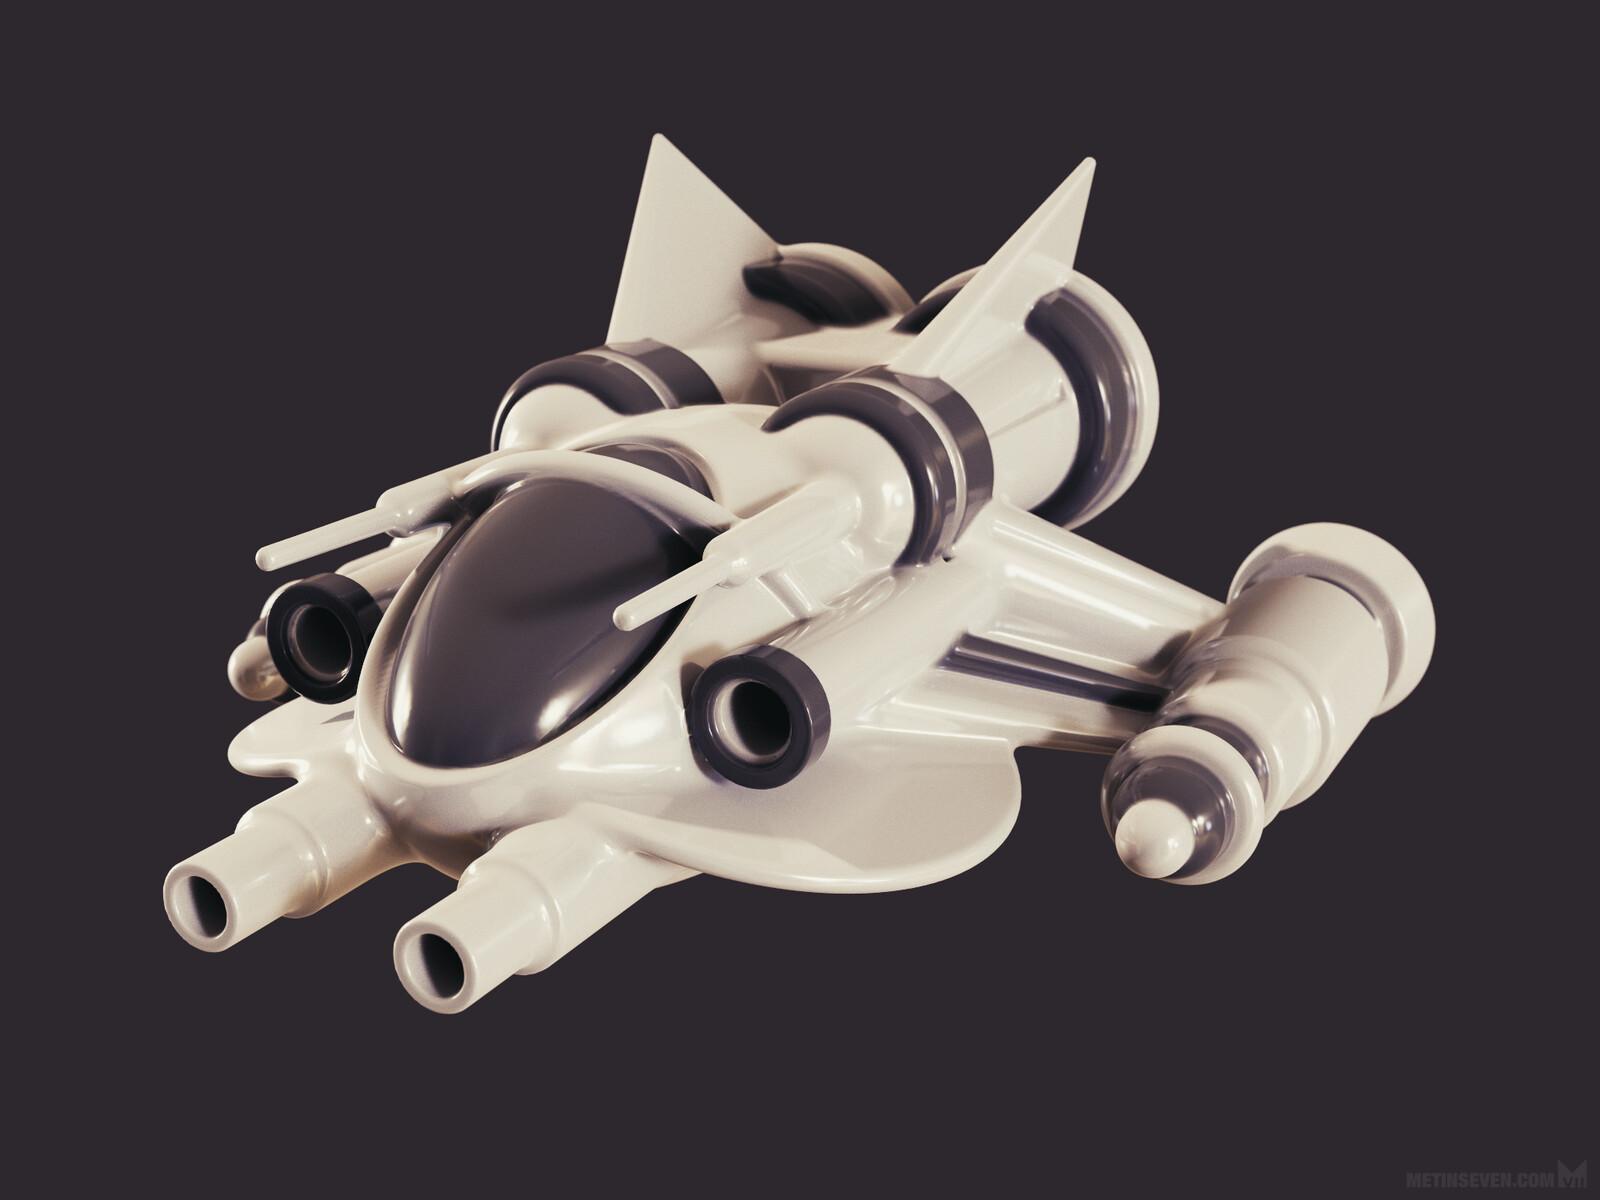 3D print, toy & award design